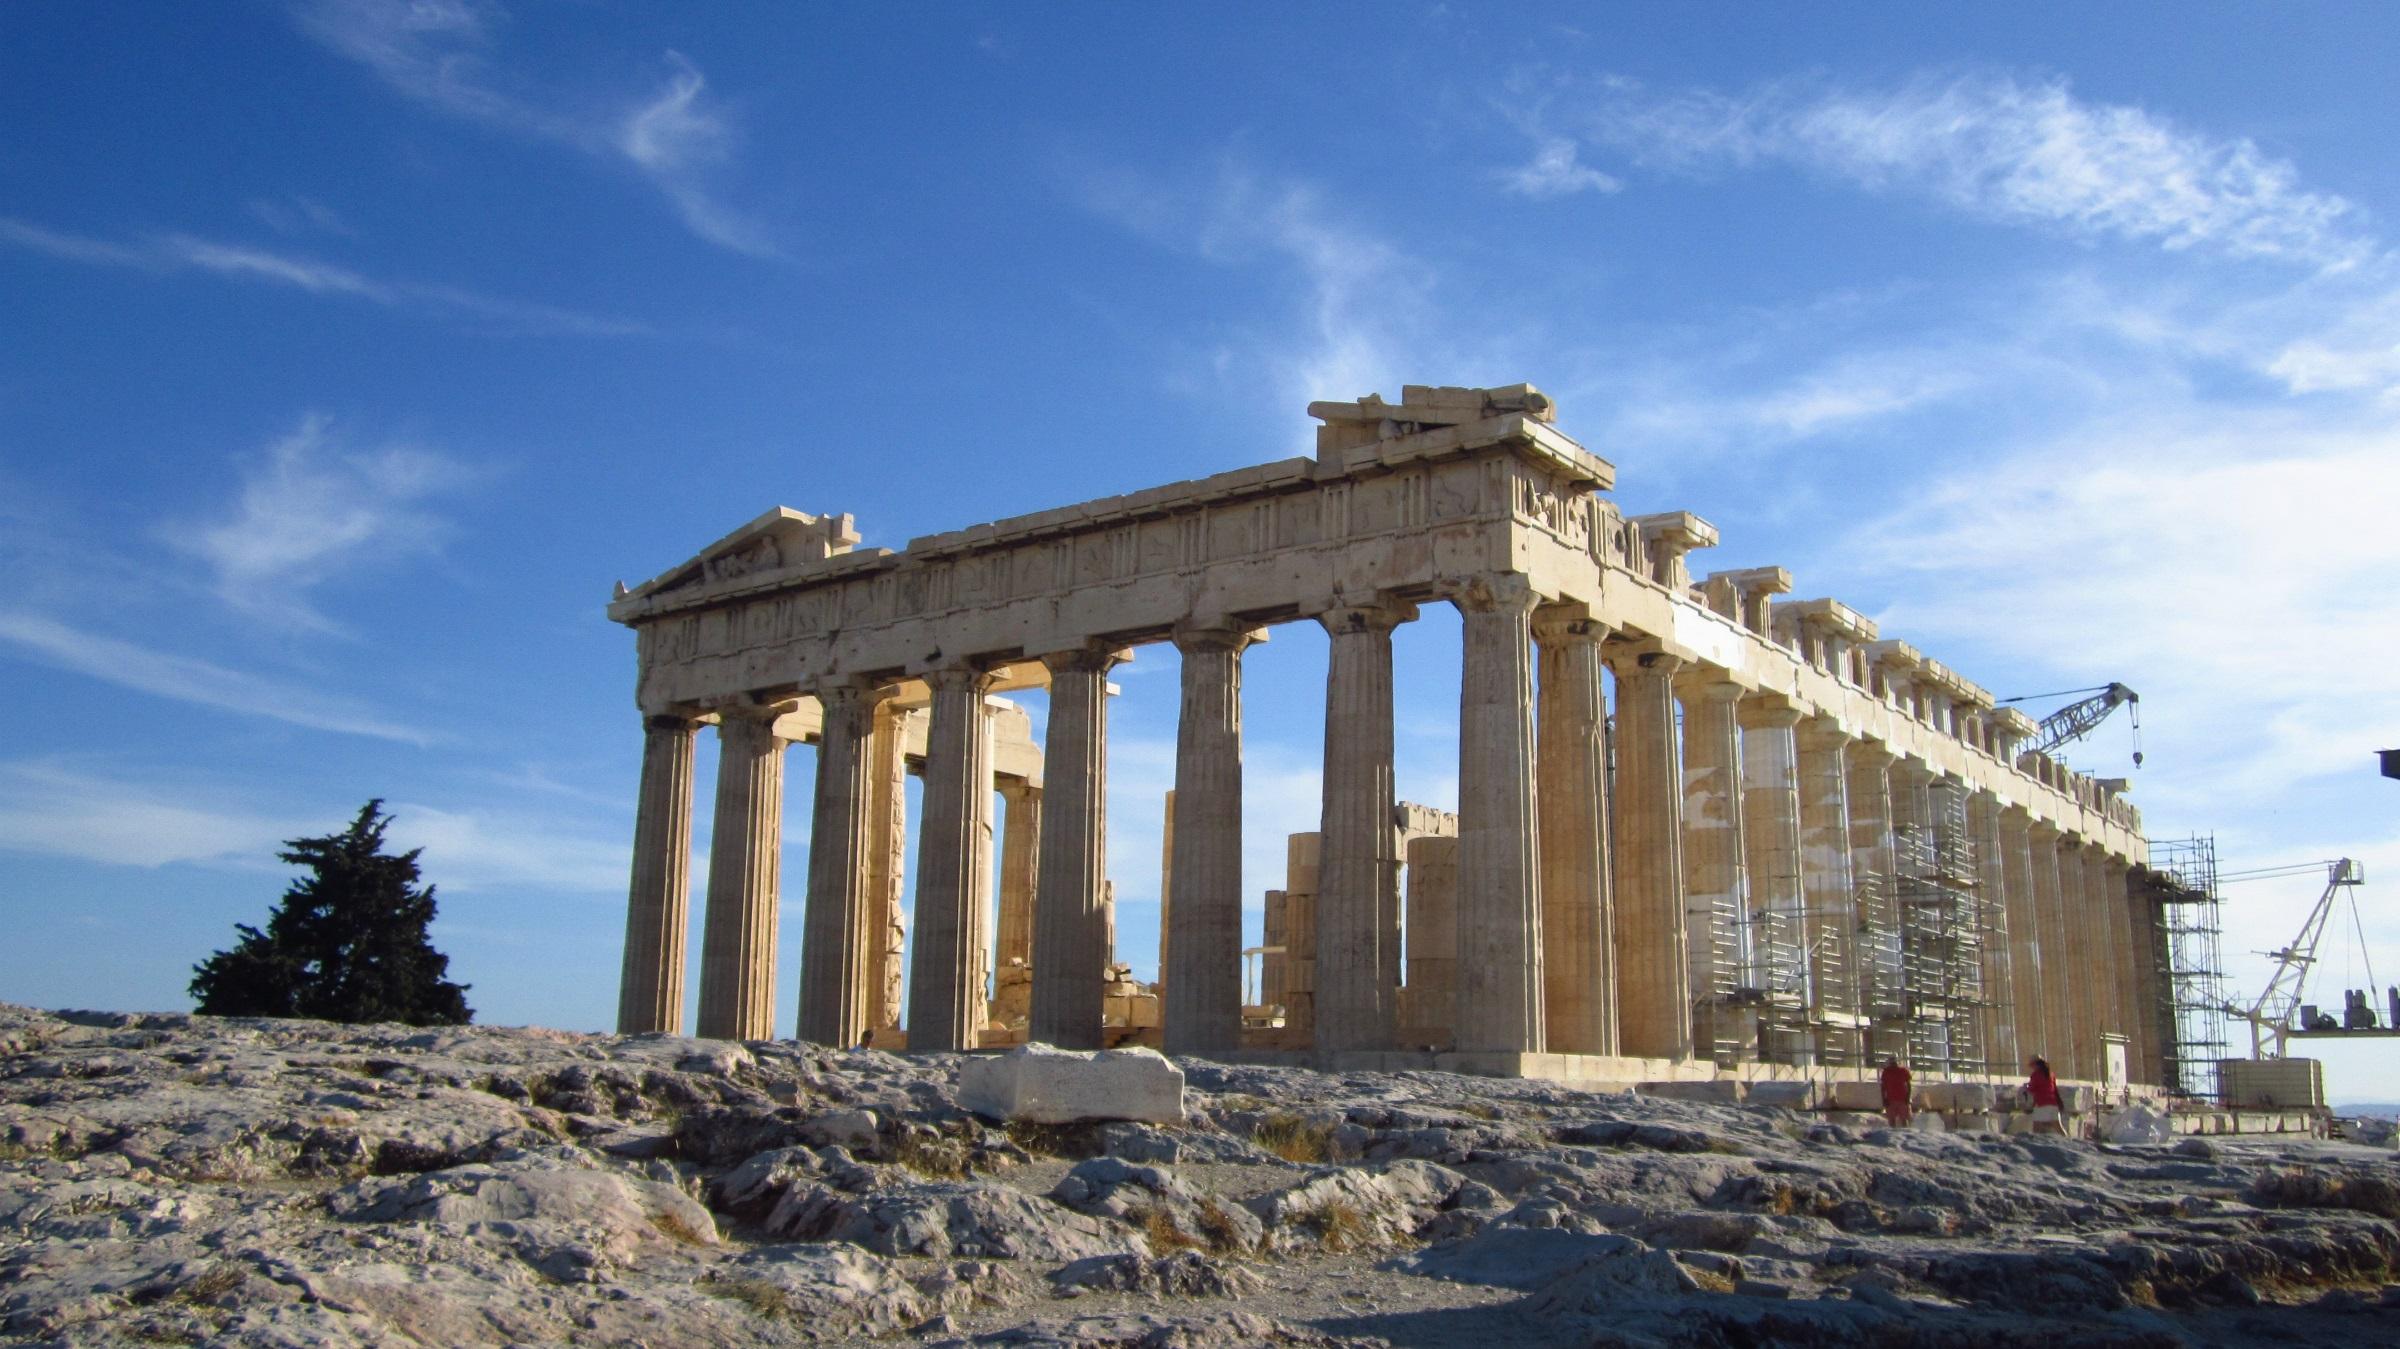 パルテノン神殿の画像 p1_38